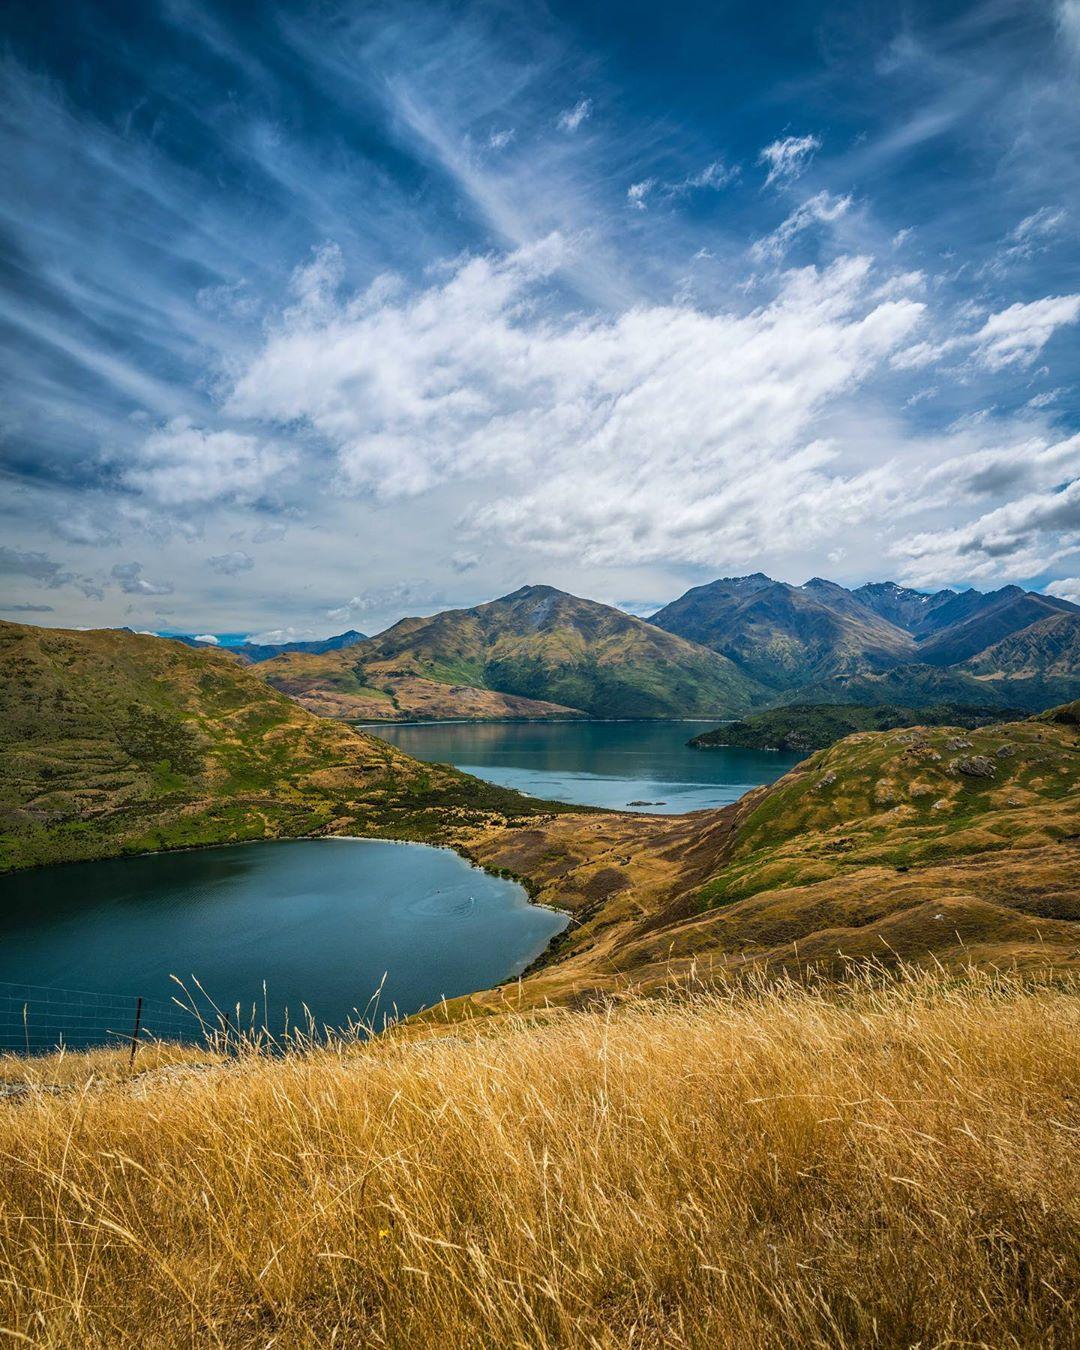 Красивые пейзажные снимки от Лори Винтер